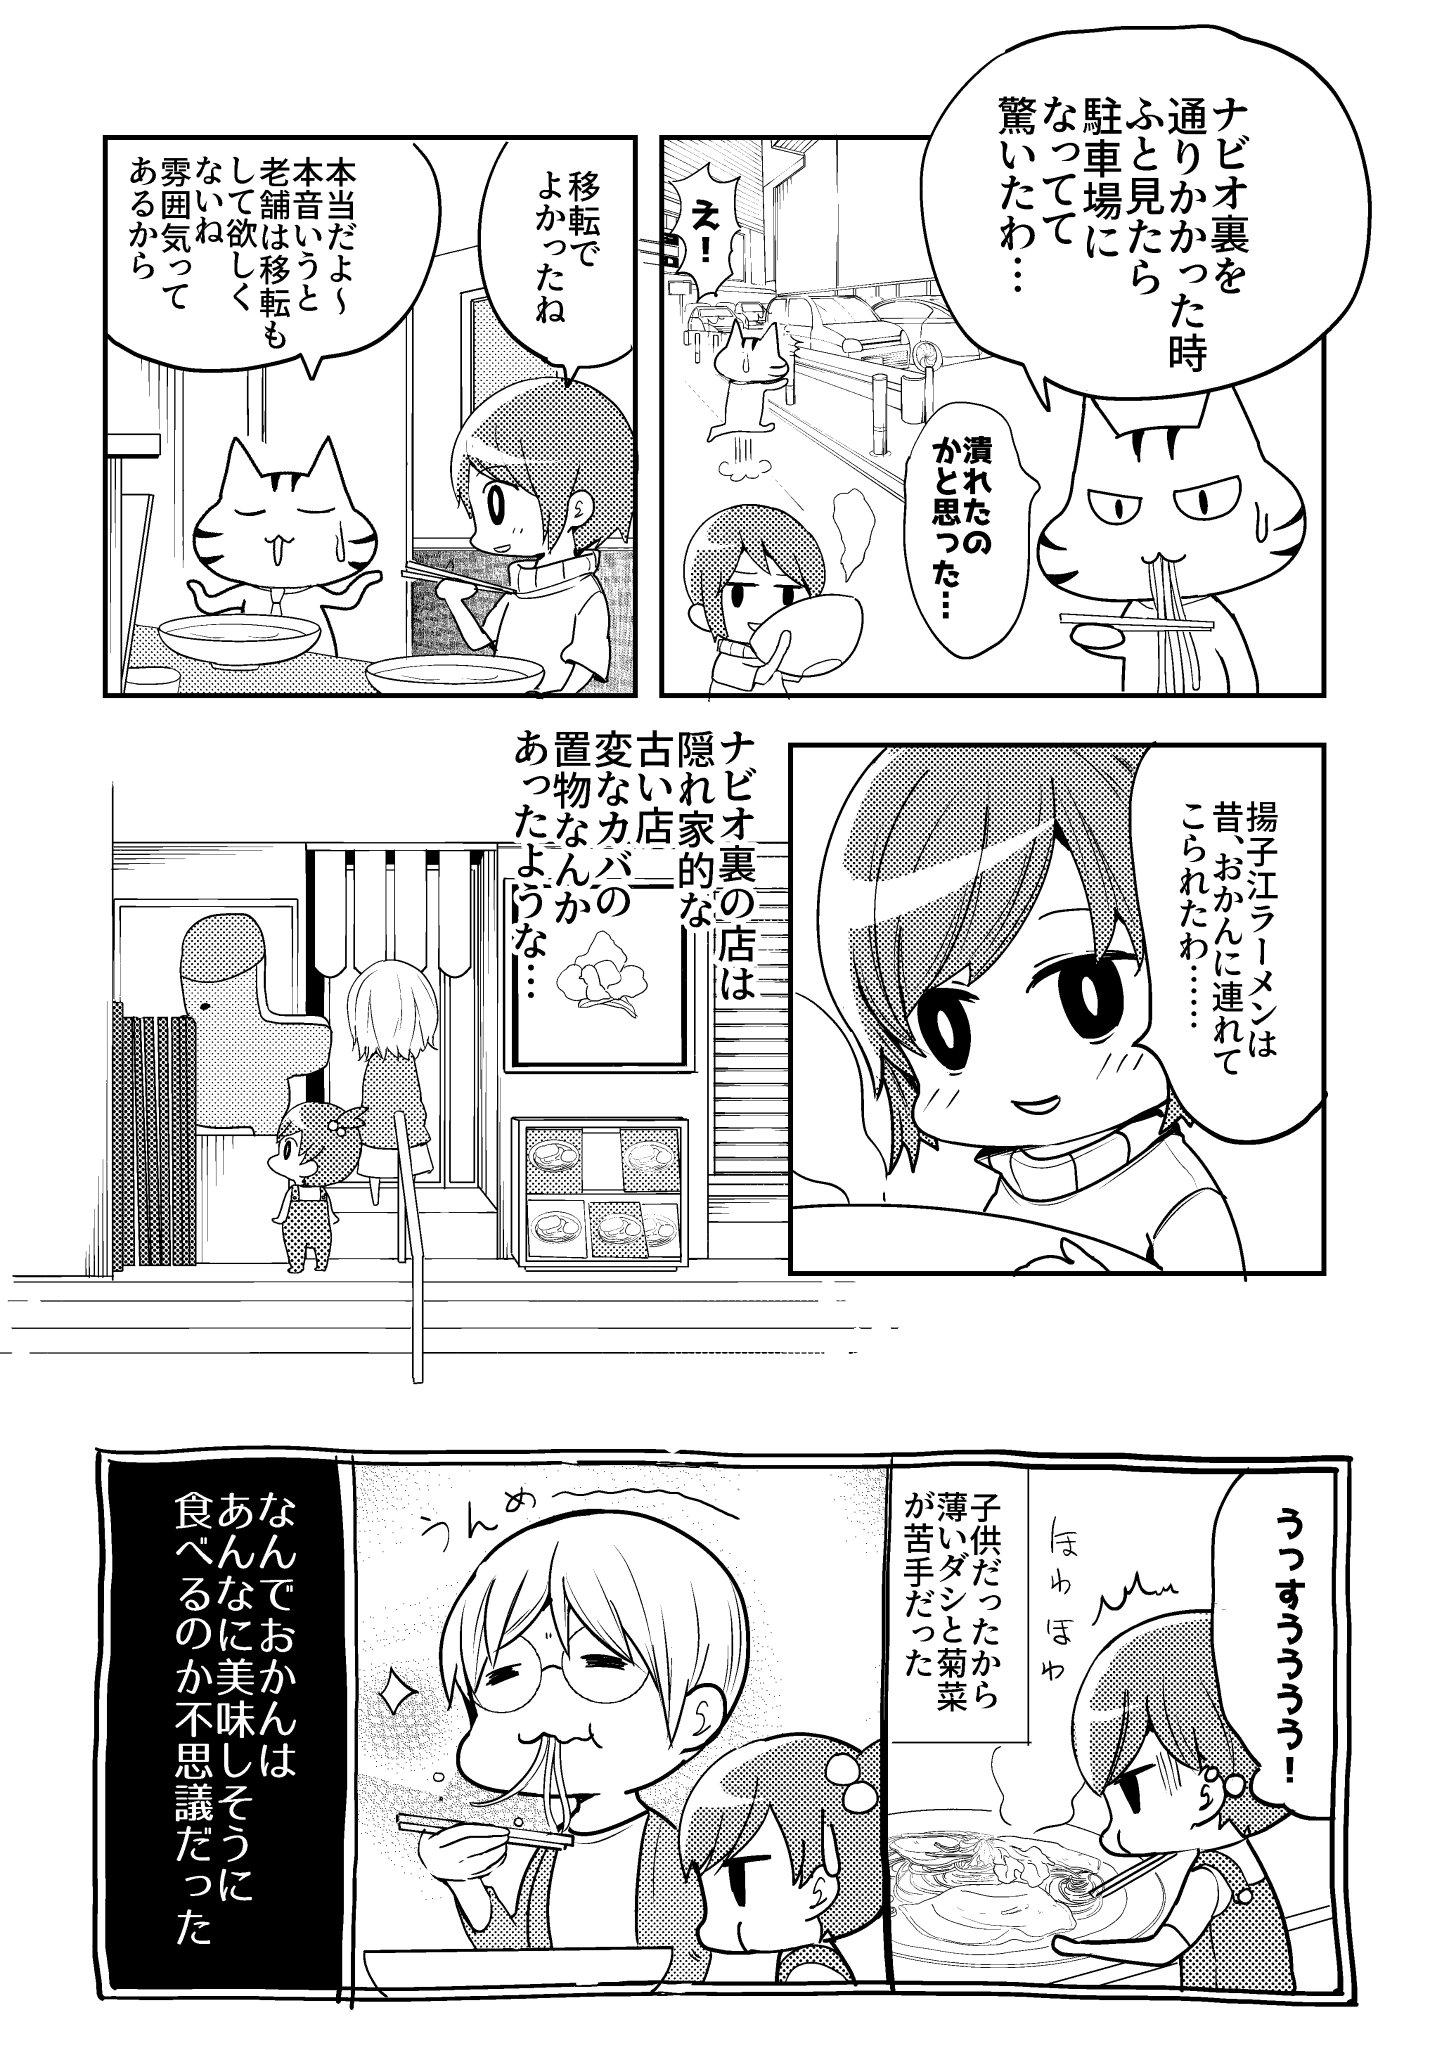 ラーメン 閉店 揚子江